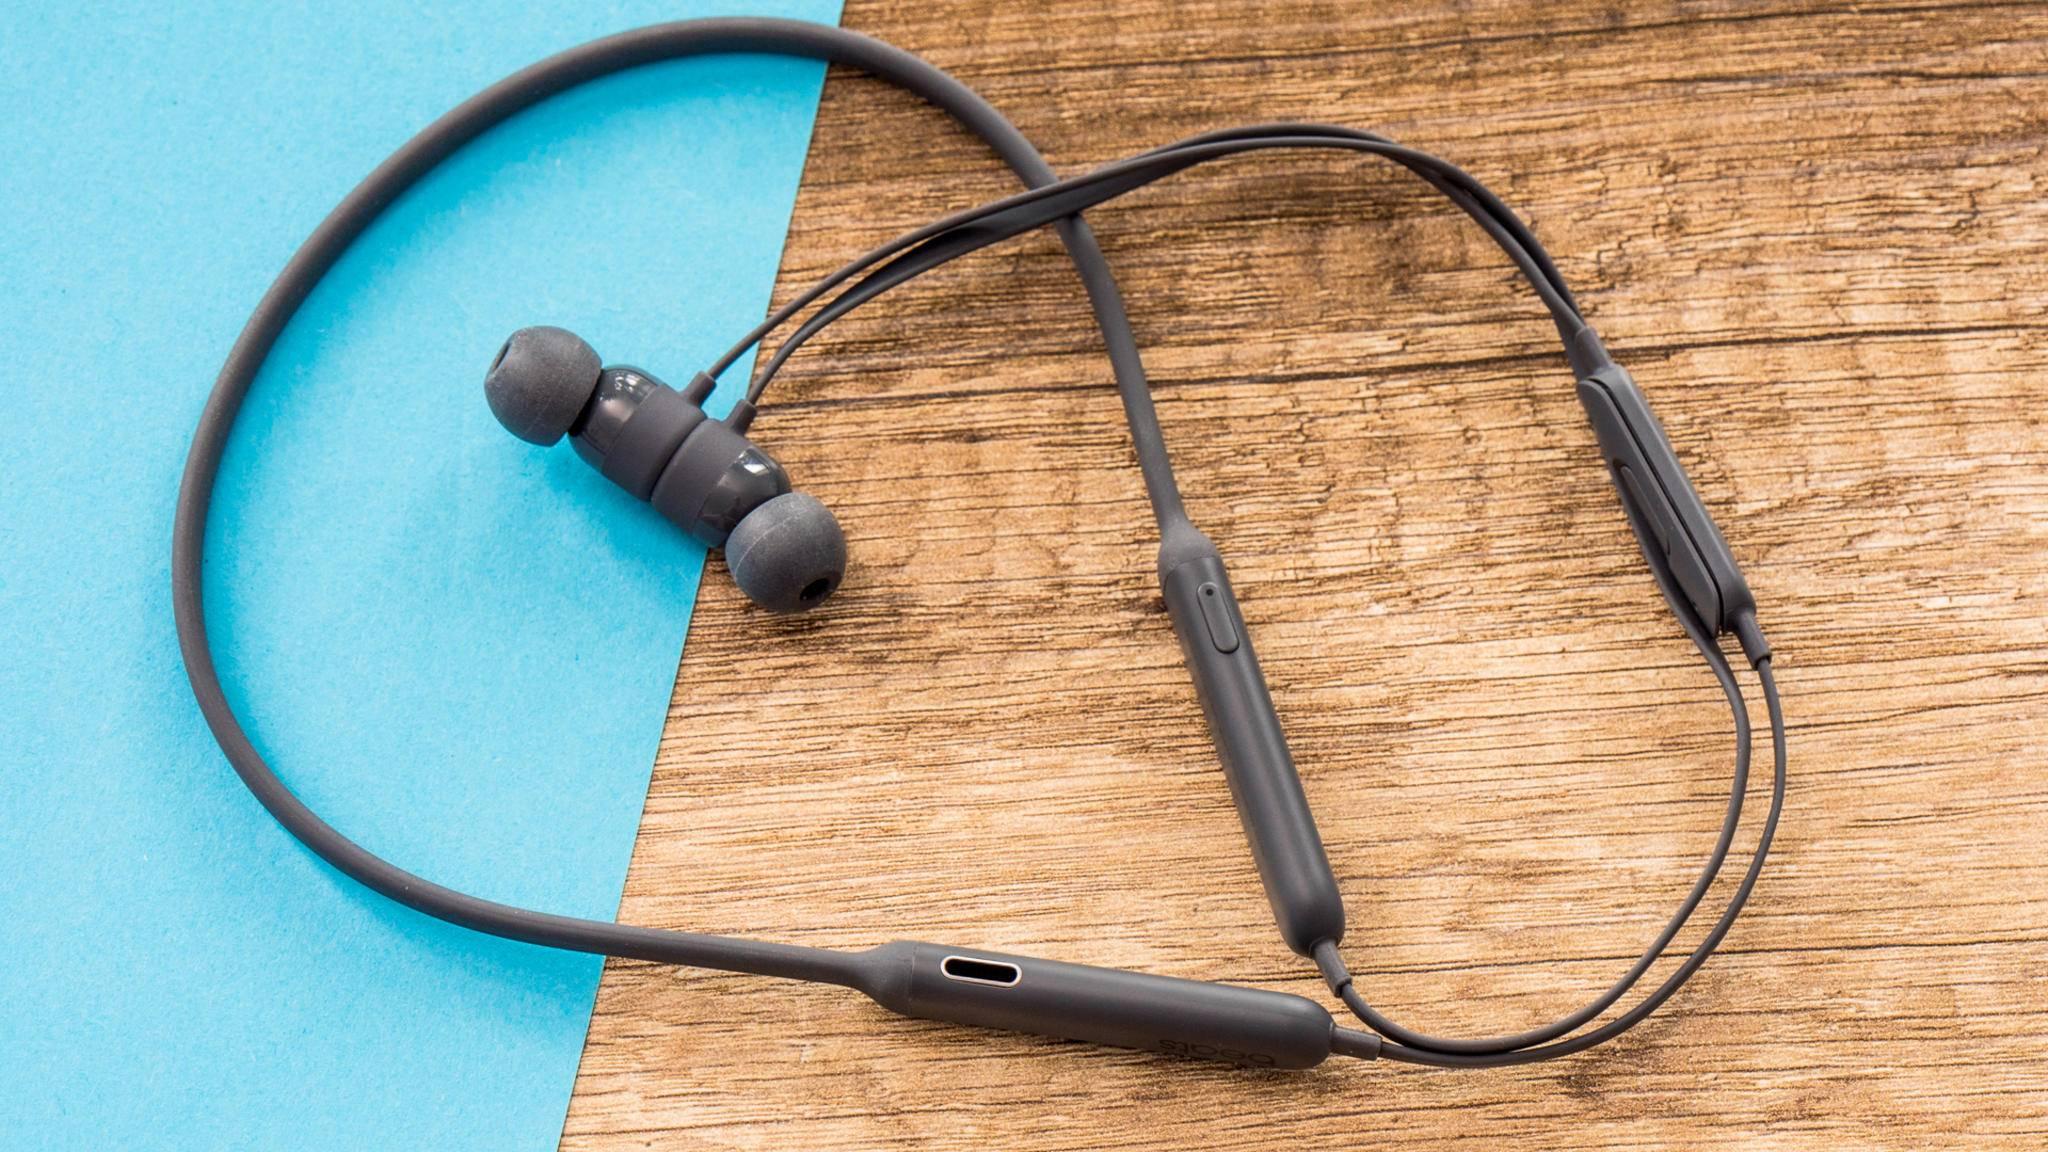 Der Beats X ist ein guter In-Ear-Hörer mit kabelloser Bluetooth-Verbindung.